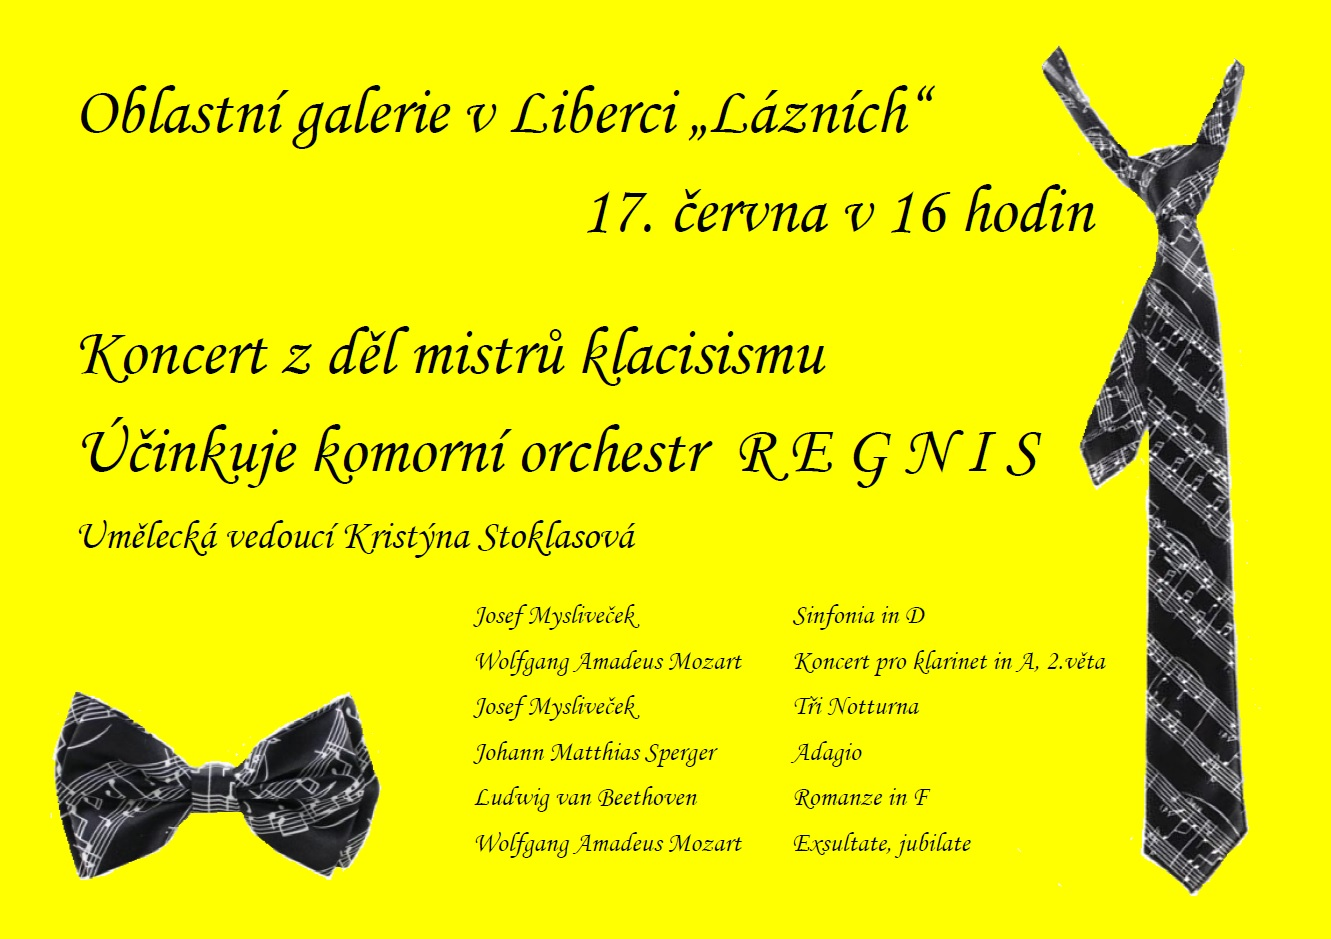 Komorn Orchestr Regnis Koncert Z Děl Mistrů Klasicismu